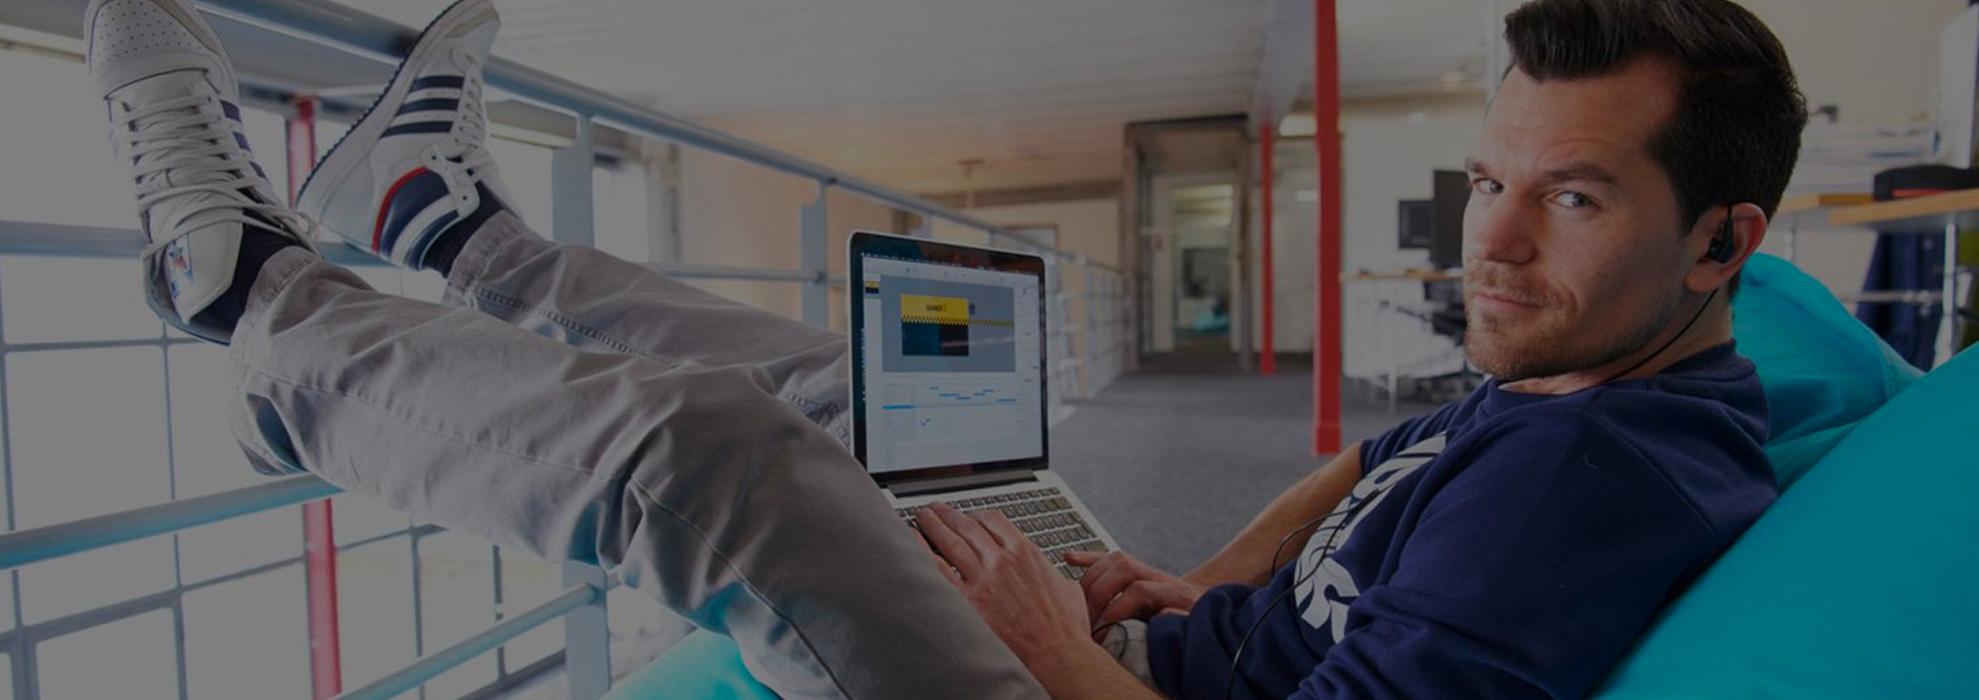 Agile Softwareentwicklung für Internetprojekte direkt von den Symfony-Erfindern